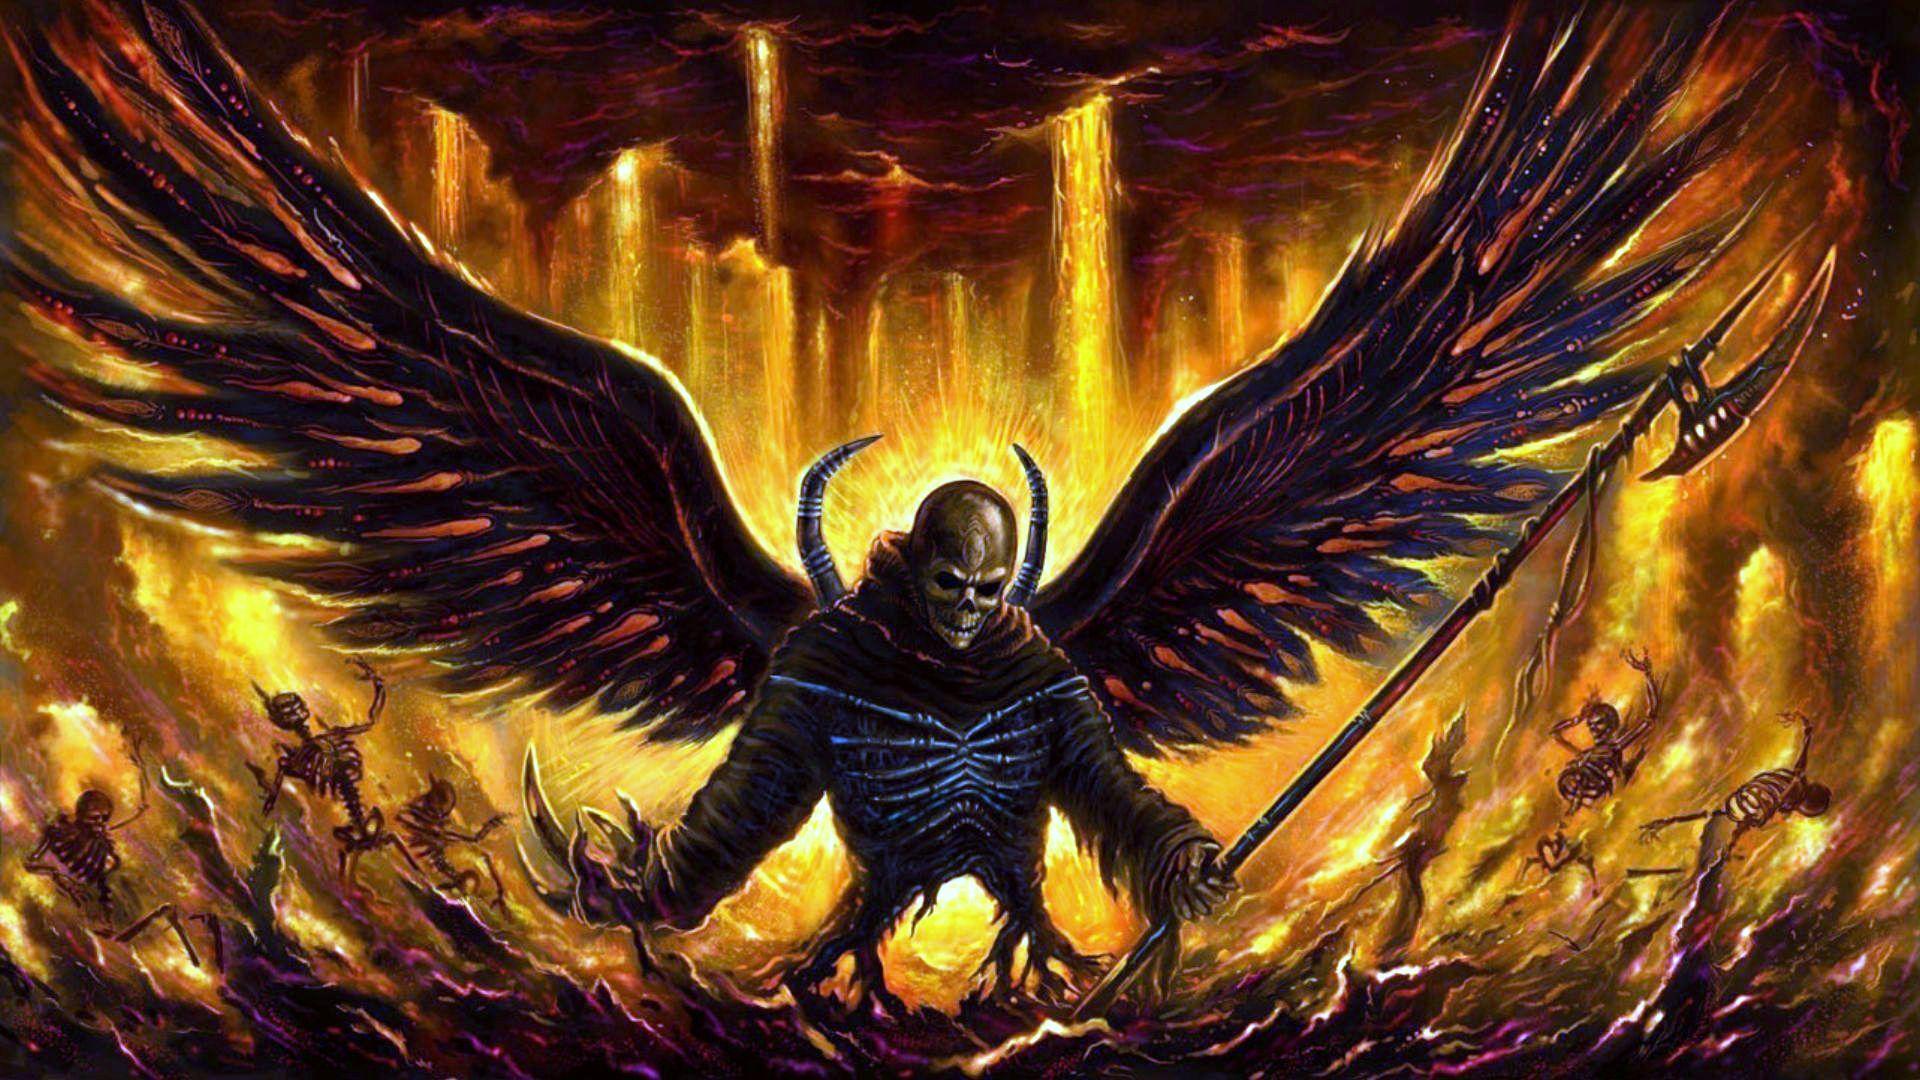 15433 Protetores de tela e papéis de parede Anjos em seu telefone. Baixe Fantasia, Morte, Anjos, Imagens fotos gratuitamente